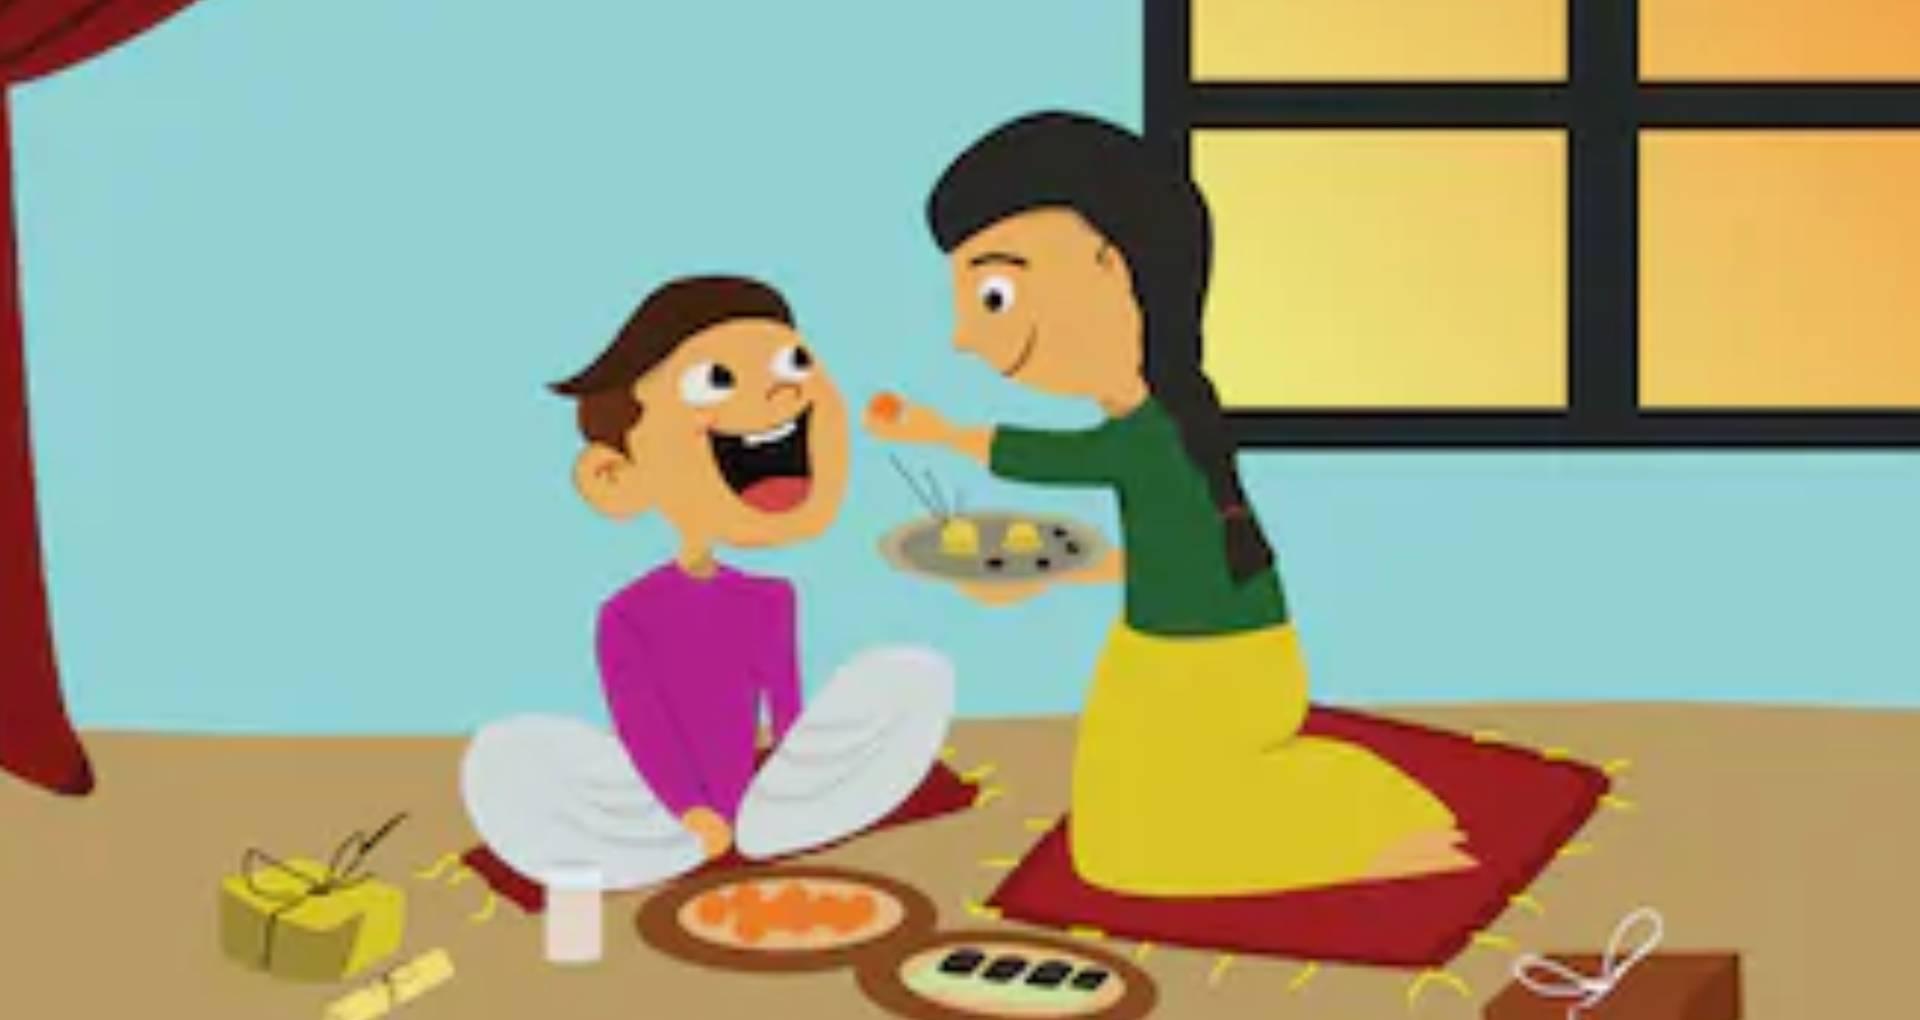 Bhai Dooj 2019 Shubh Muhurat: भैया दूज के इस शुभ मुहूर्त में लगाएं भाई को तिलक, जानिए टीका करने की सही विधि